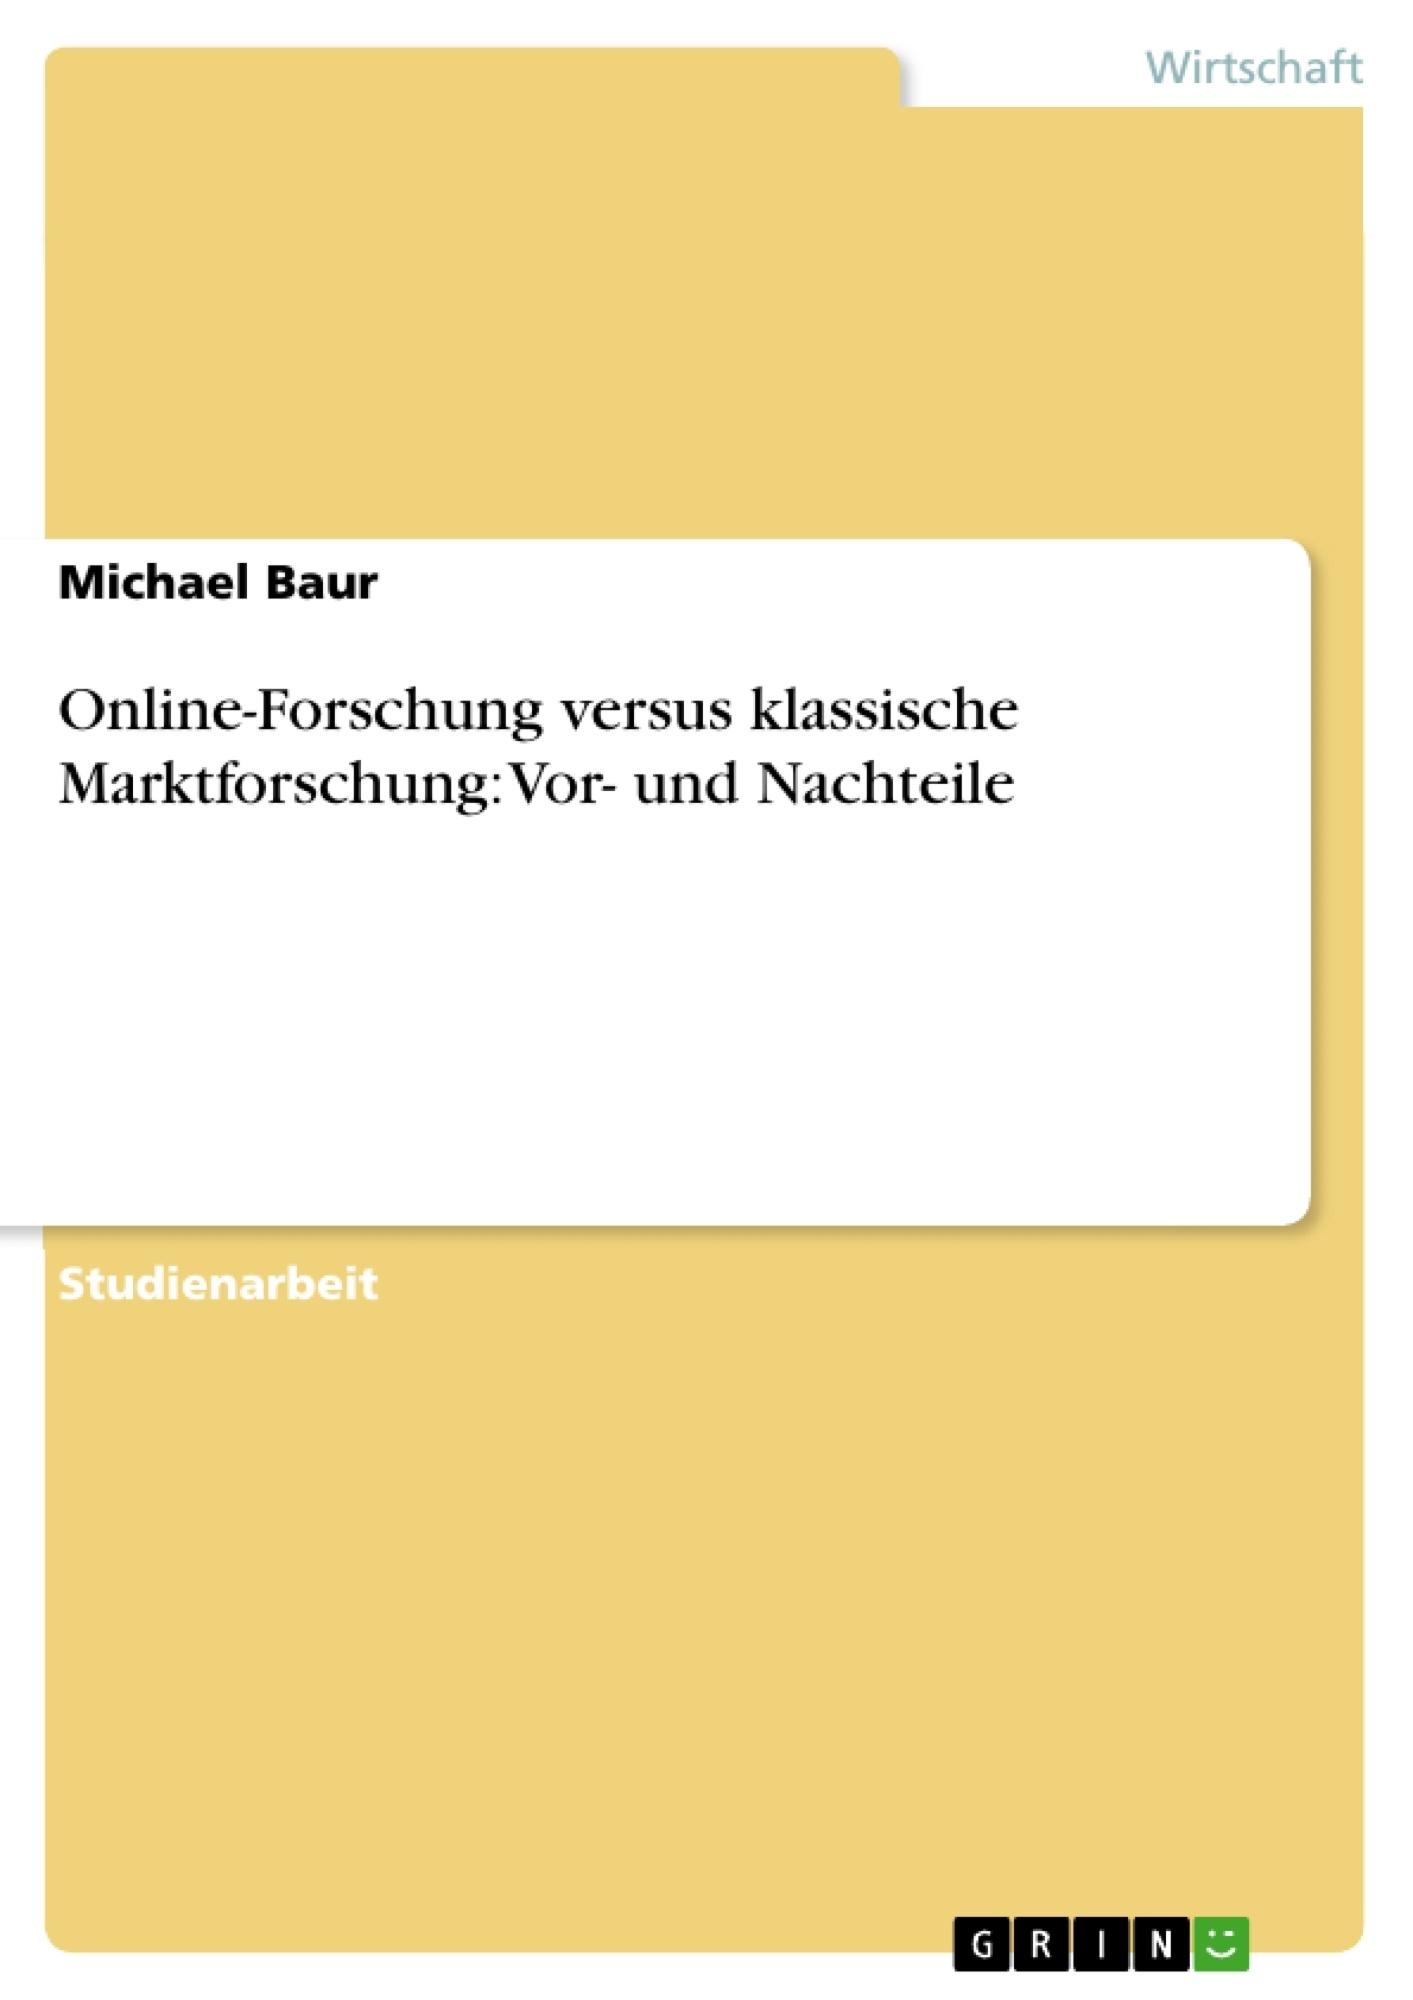 Titel: Online-Forschung versus klassische Marktforschung: Vor- und Nachteile